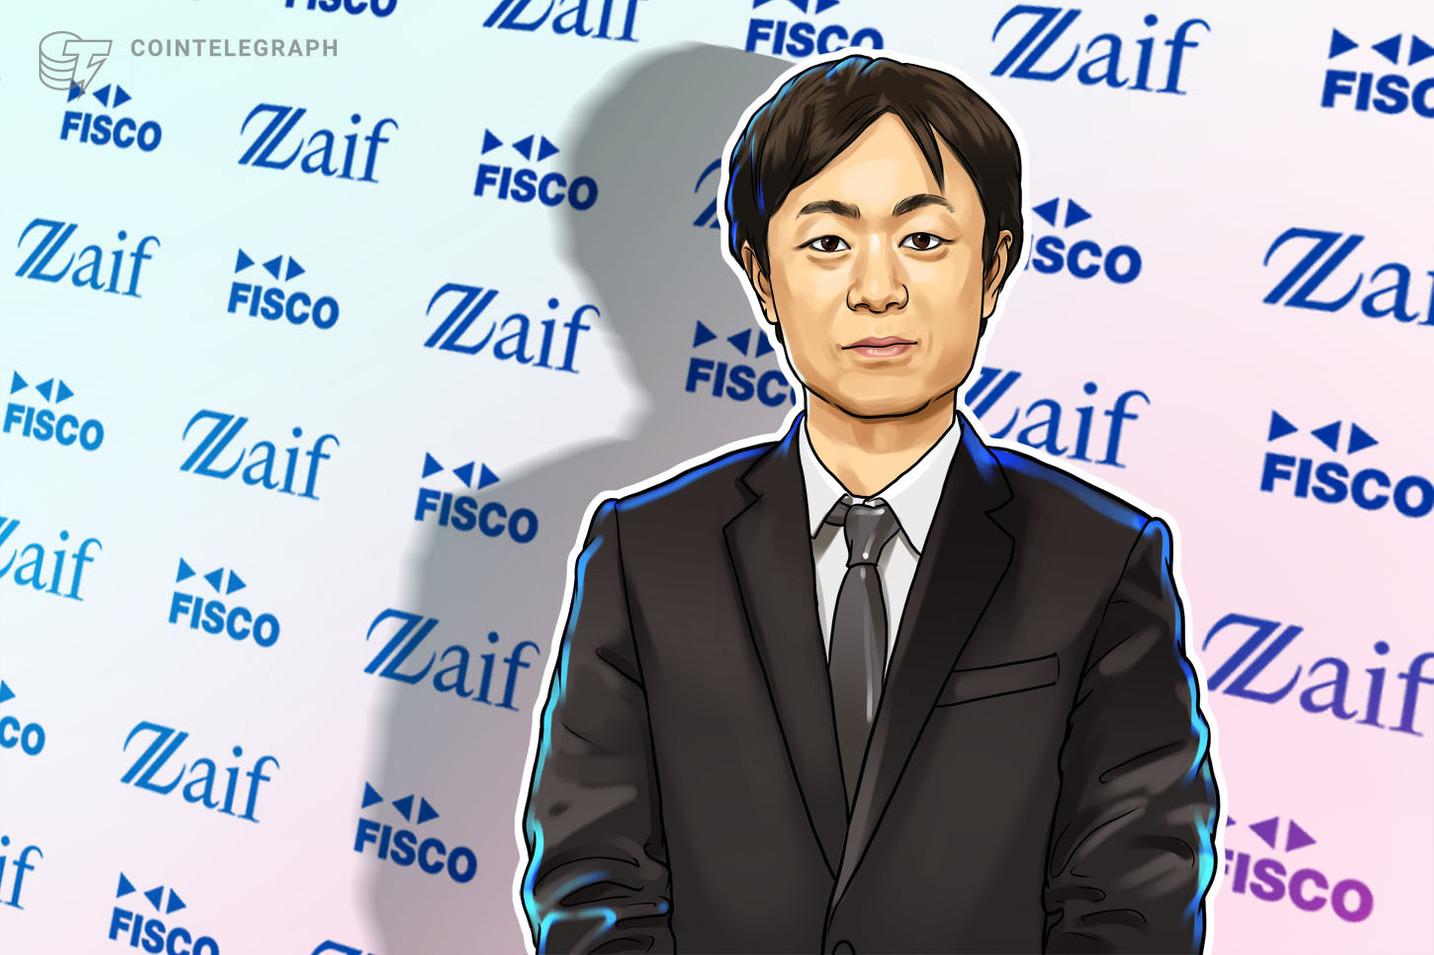 4月9日 ビットコイン価格テクニカル分析【Zaifフィスコ仮想通貨ニュース】